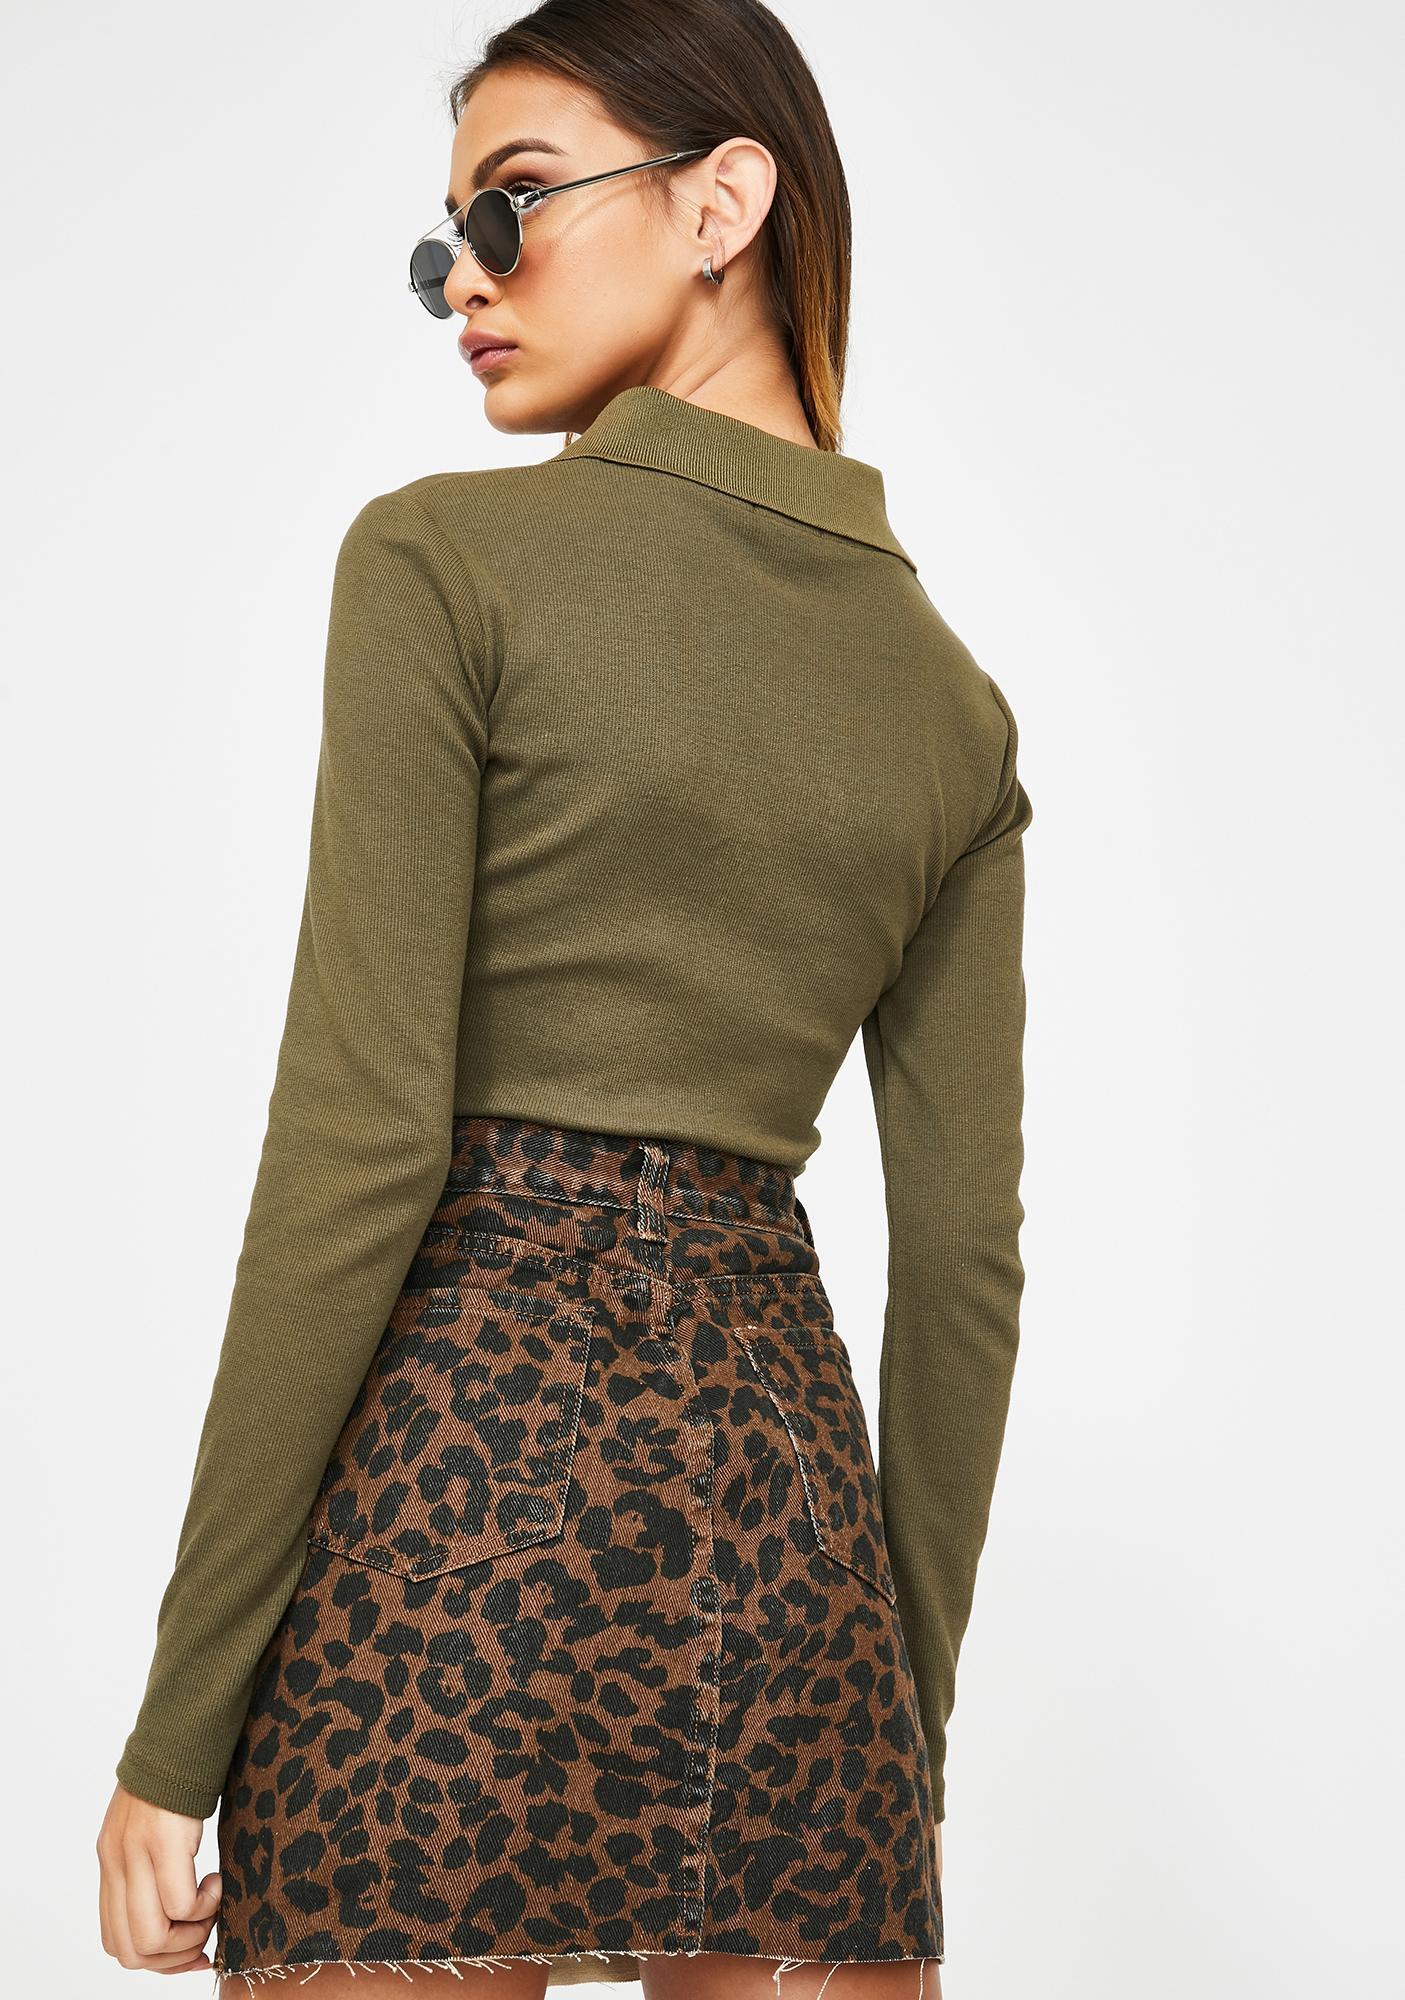 Momokrom Leopard Print Denim Skirt